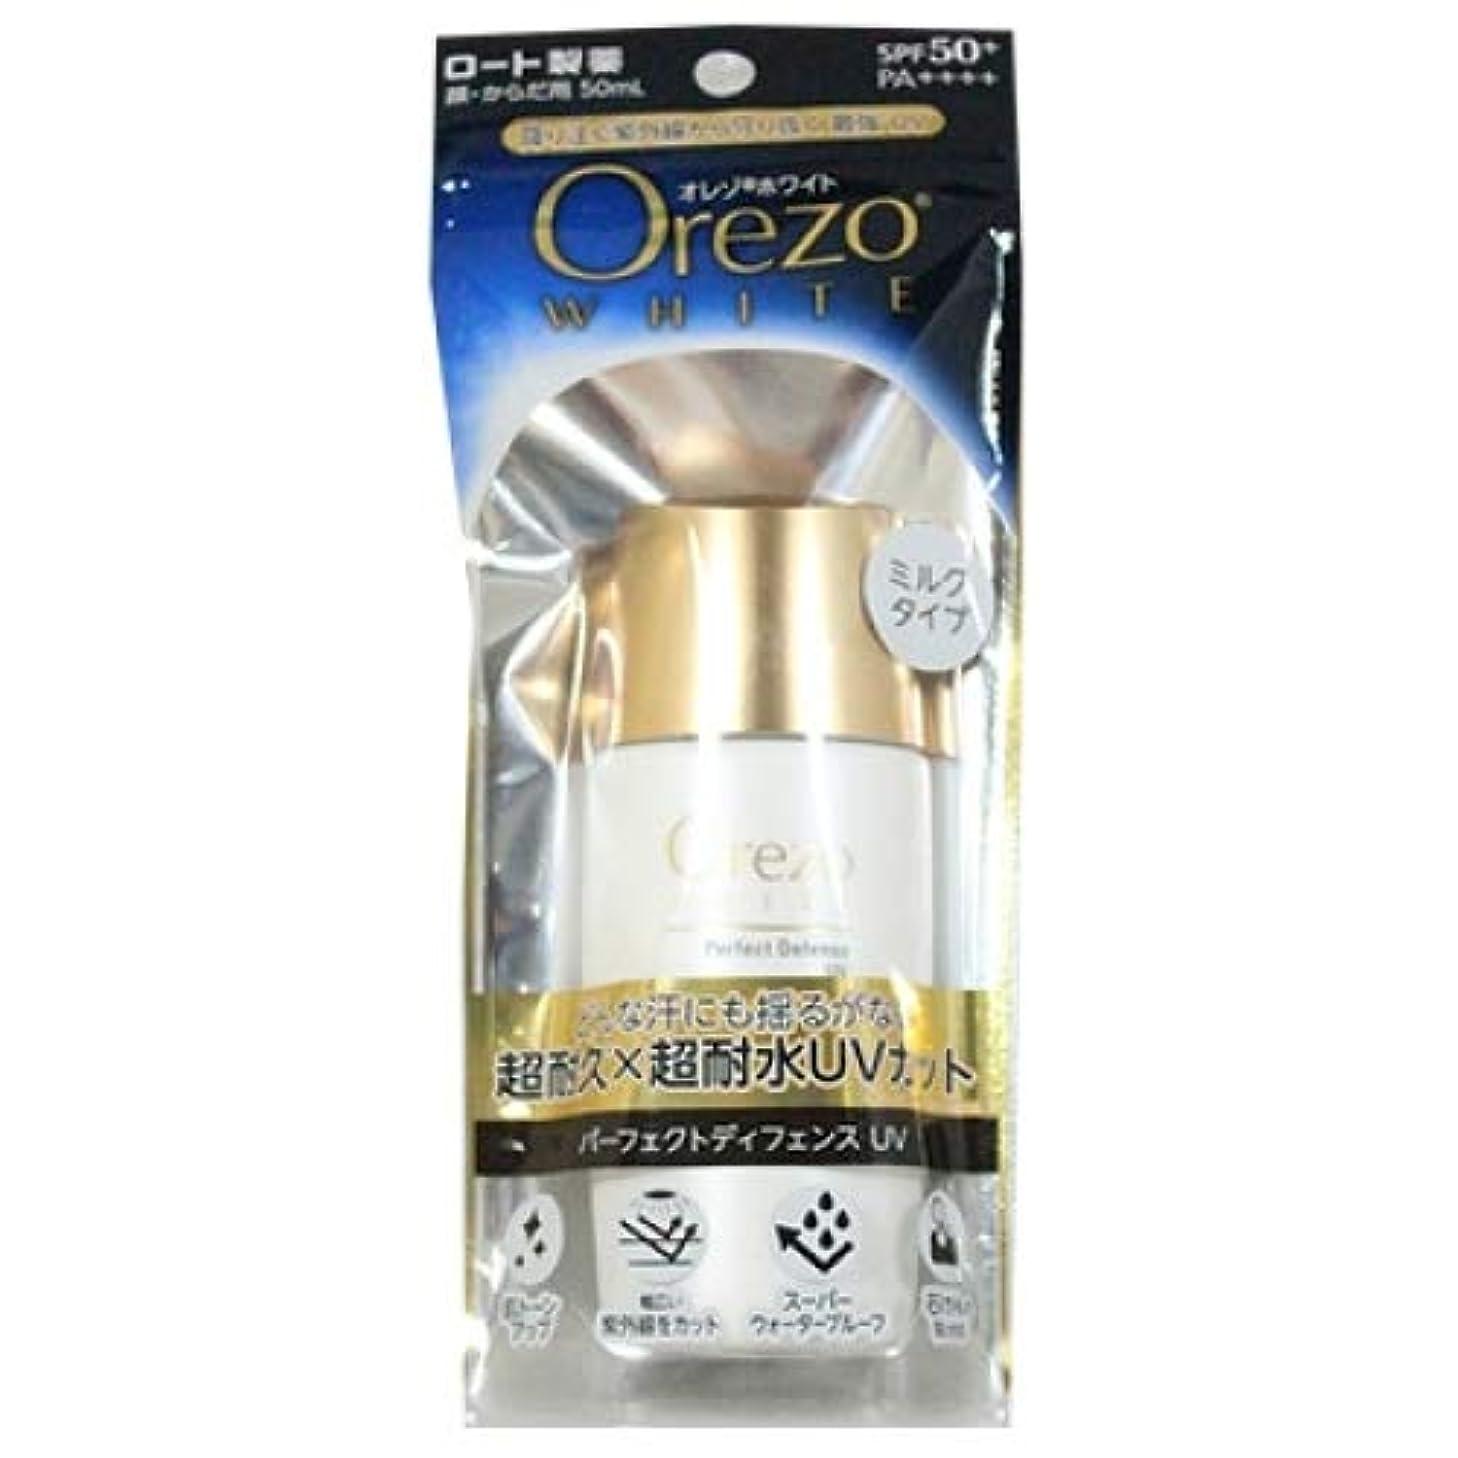 欲望主に候補者ロート製薬 Orezo オレゾ ホワイト パーフェクトディフェンスUVa SPF50+ PA++++ (50mL)